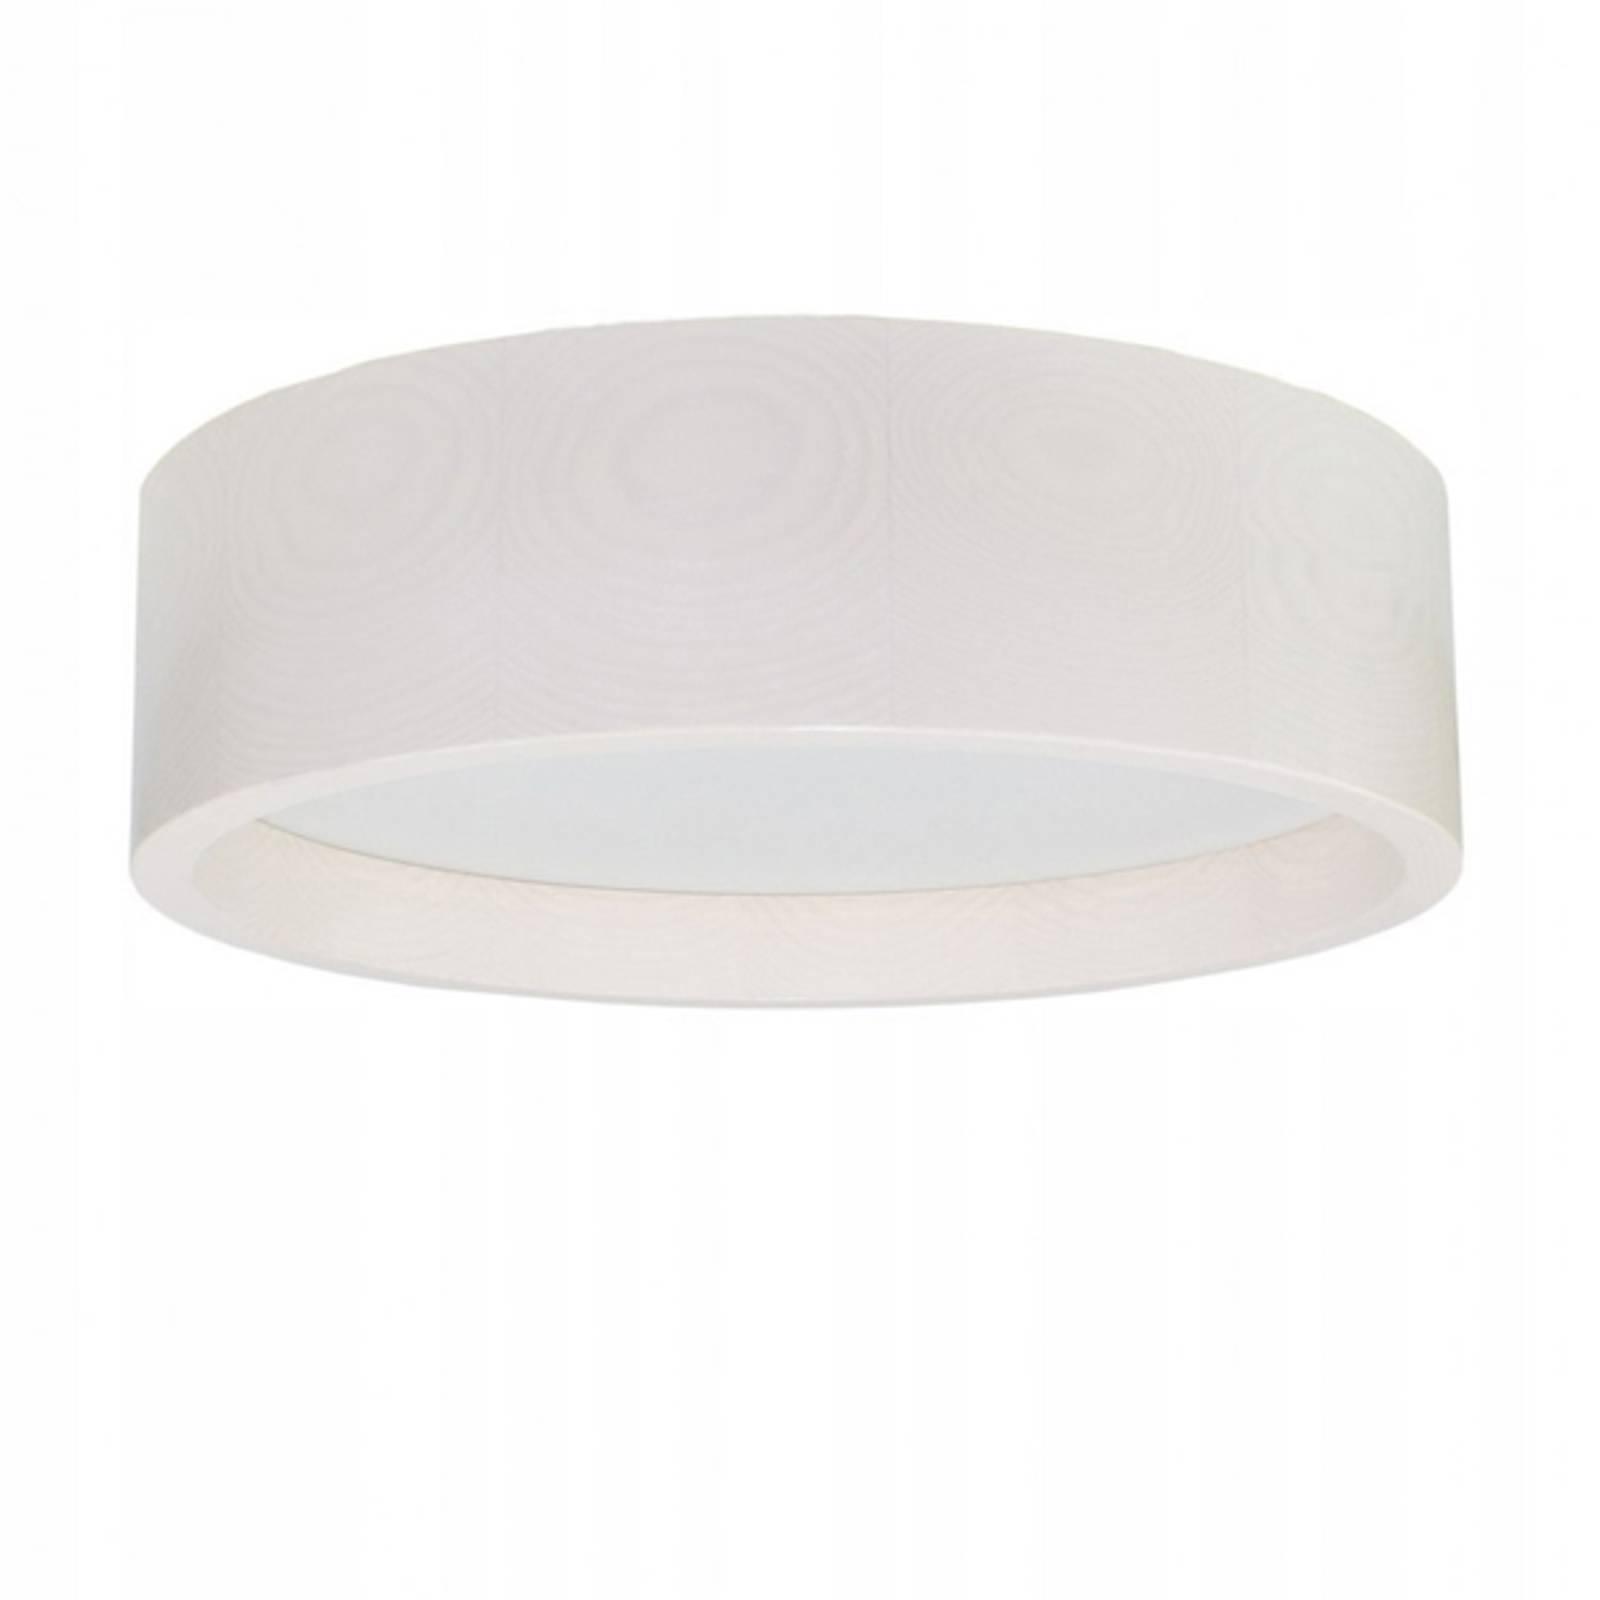 LED-kattovalaisin Deep, Ø 38 cm, valkoinen